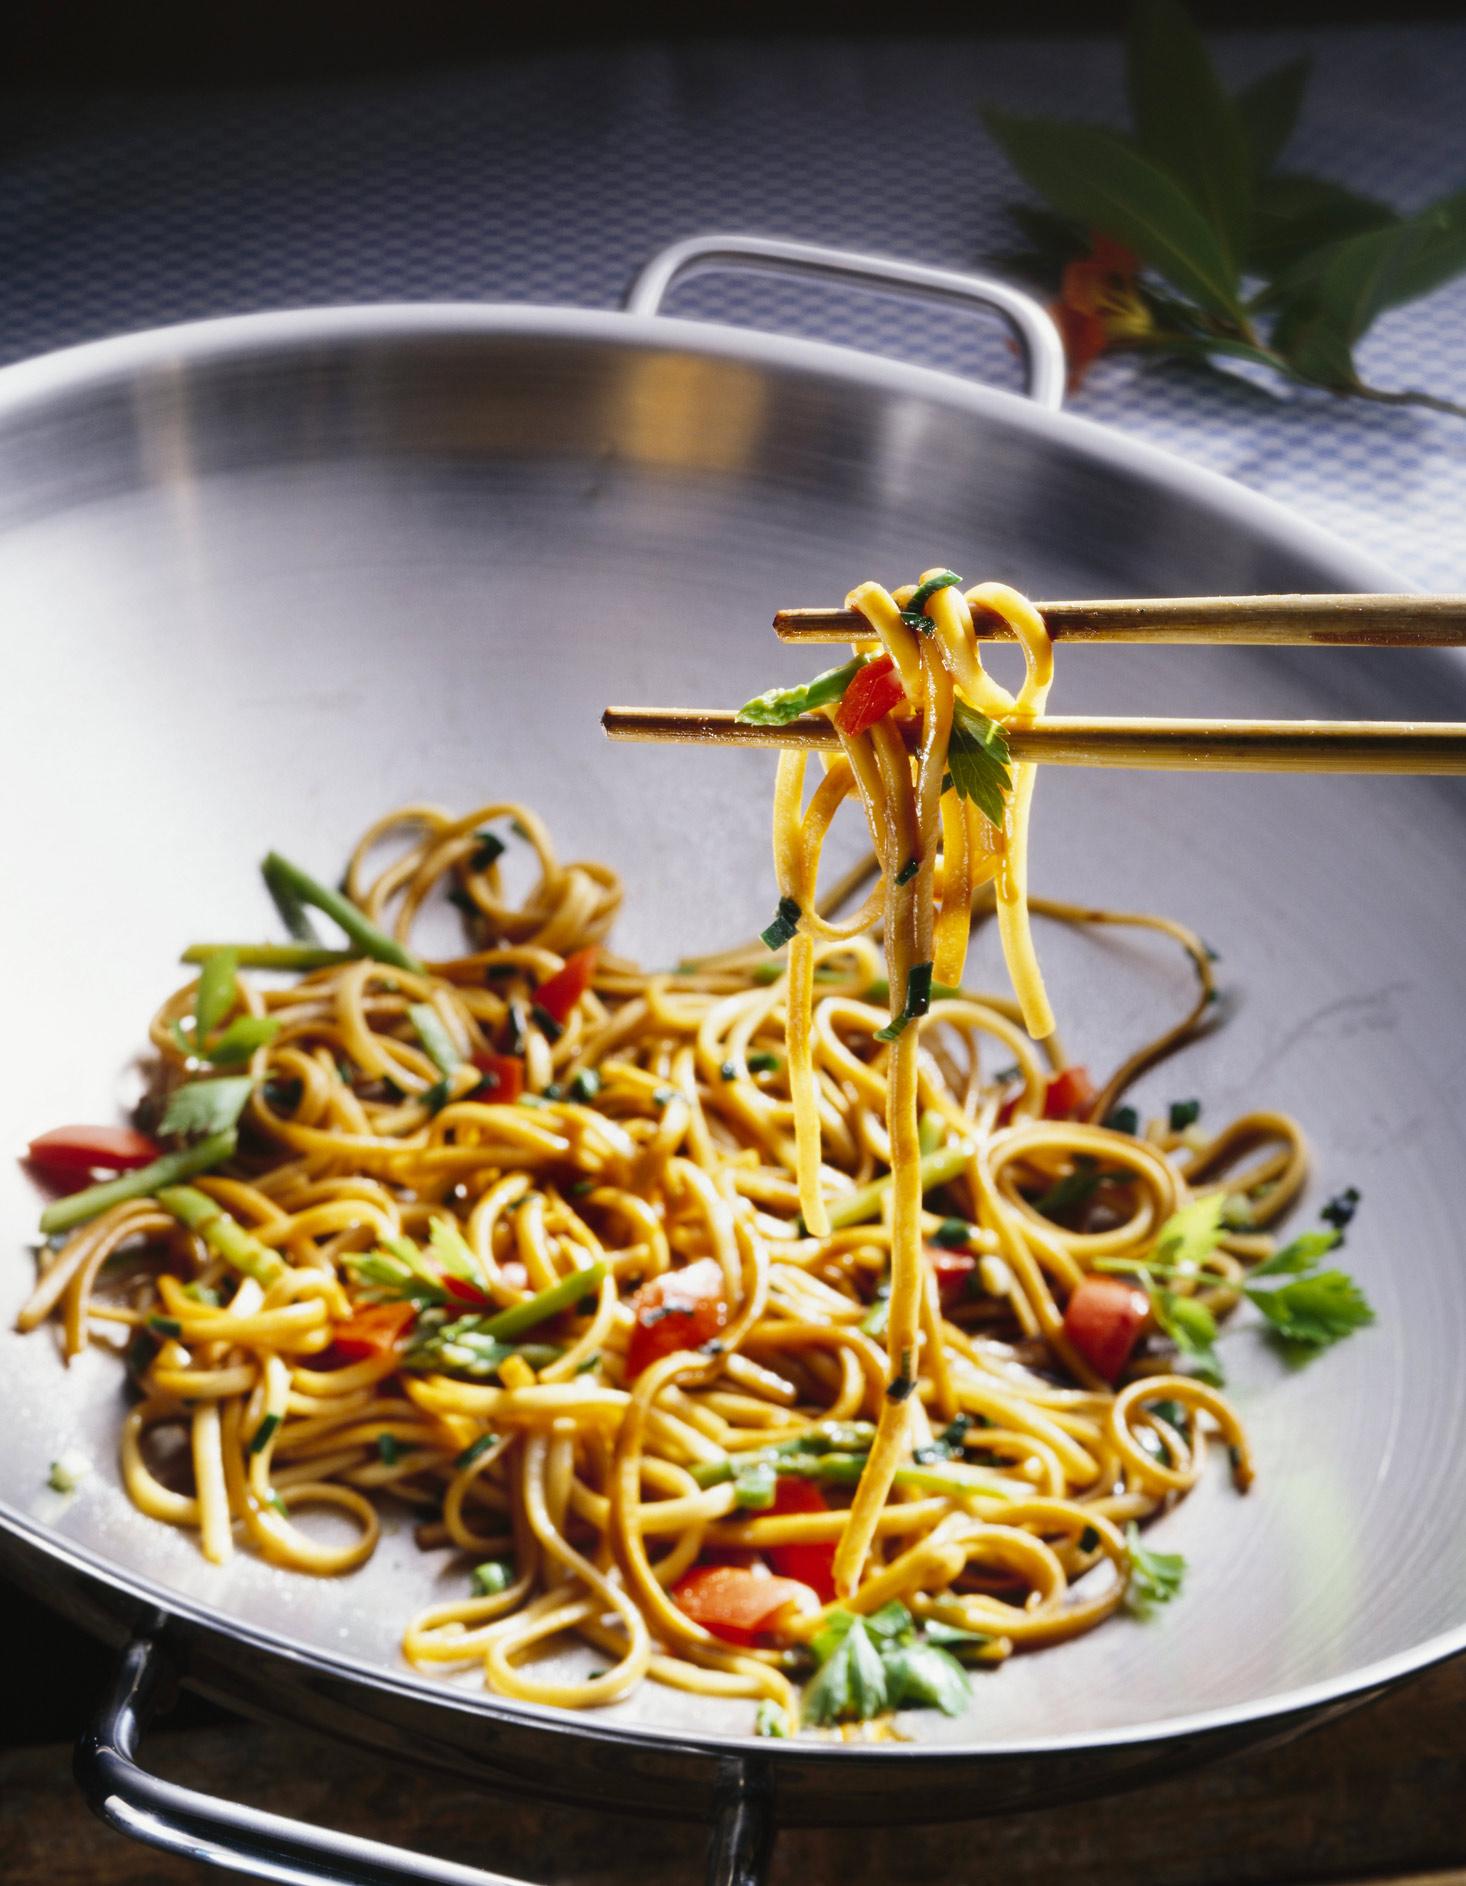 Merveilleux Poêlé De Nouilles Chinoise à La Sauce De Soja